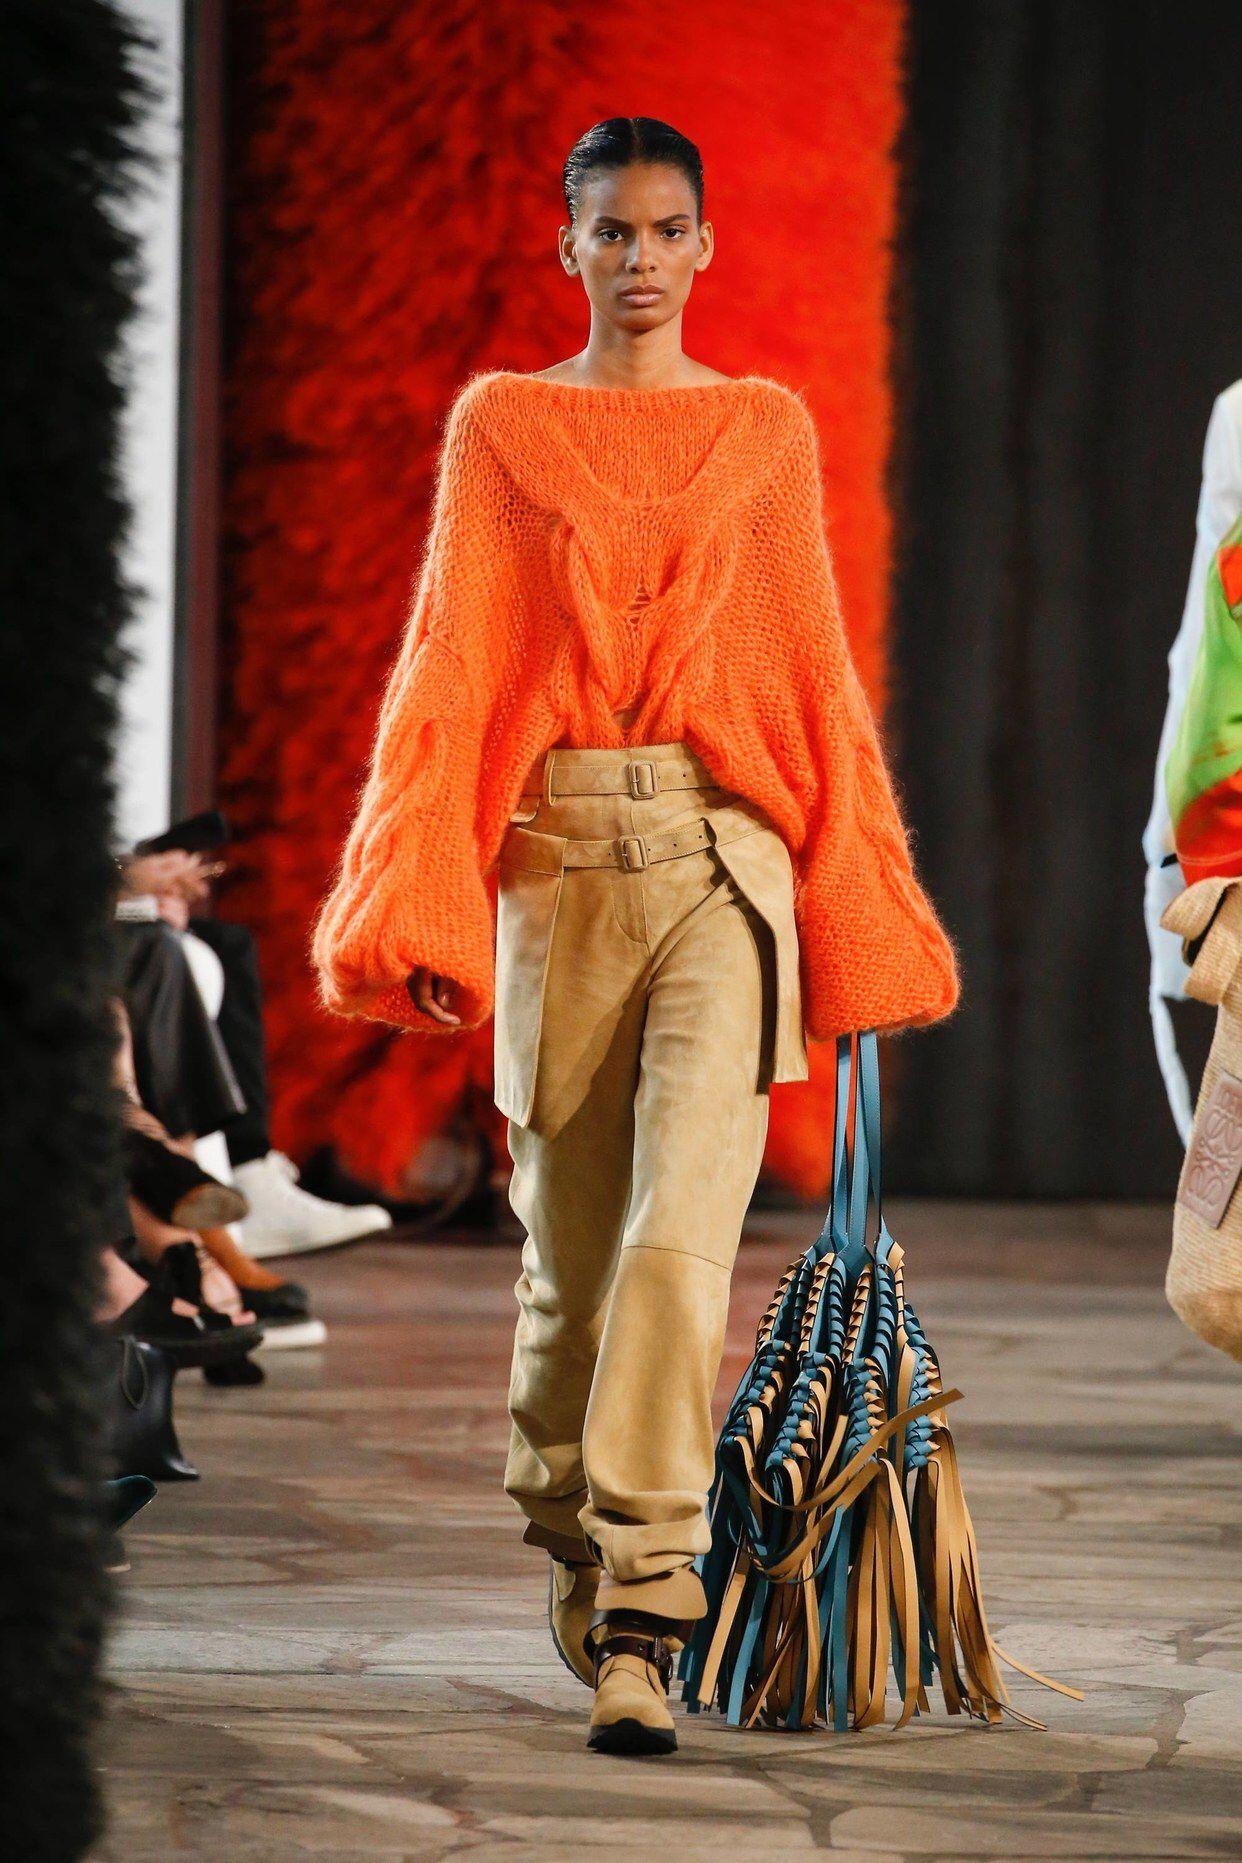 Vogue S Virginia Smith Picks Her Top 10 Looks From Paris Fashion Week Fashion Fashion Week Paris Fashion Week